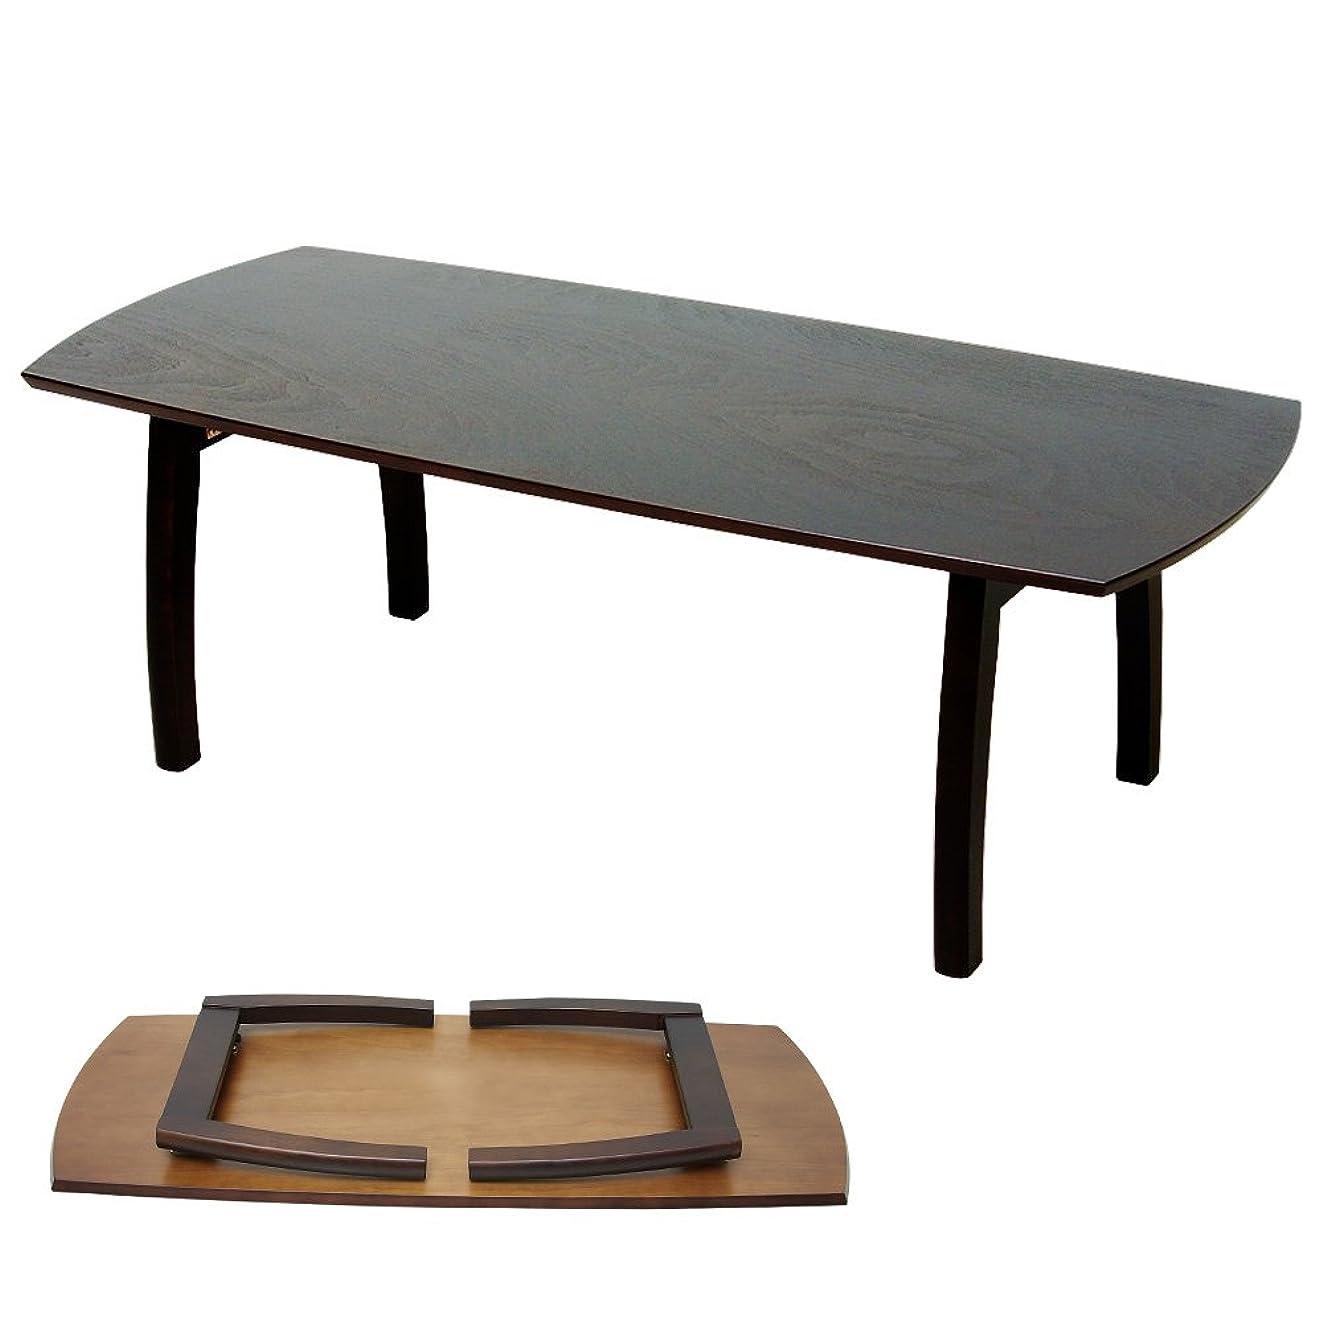 ナースアヒルウナギLOWYA (ロウヤ) テーブル 折りたたみテーブル 天然木 ウォールナット 机 ローテーブル 木製 120cm ブラウン おしゃれ 新生活